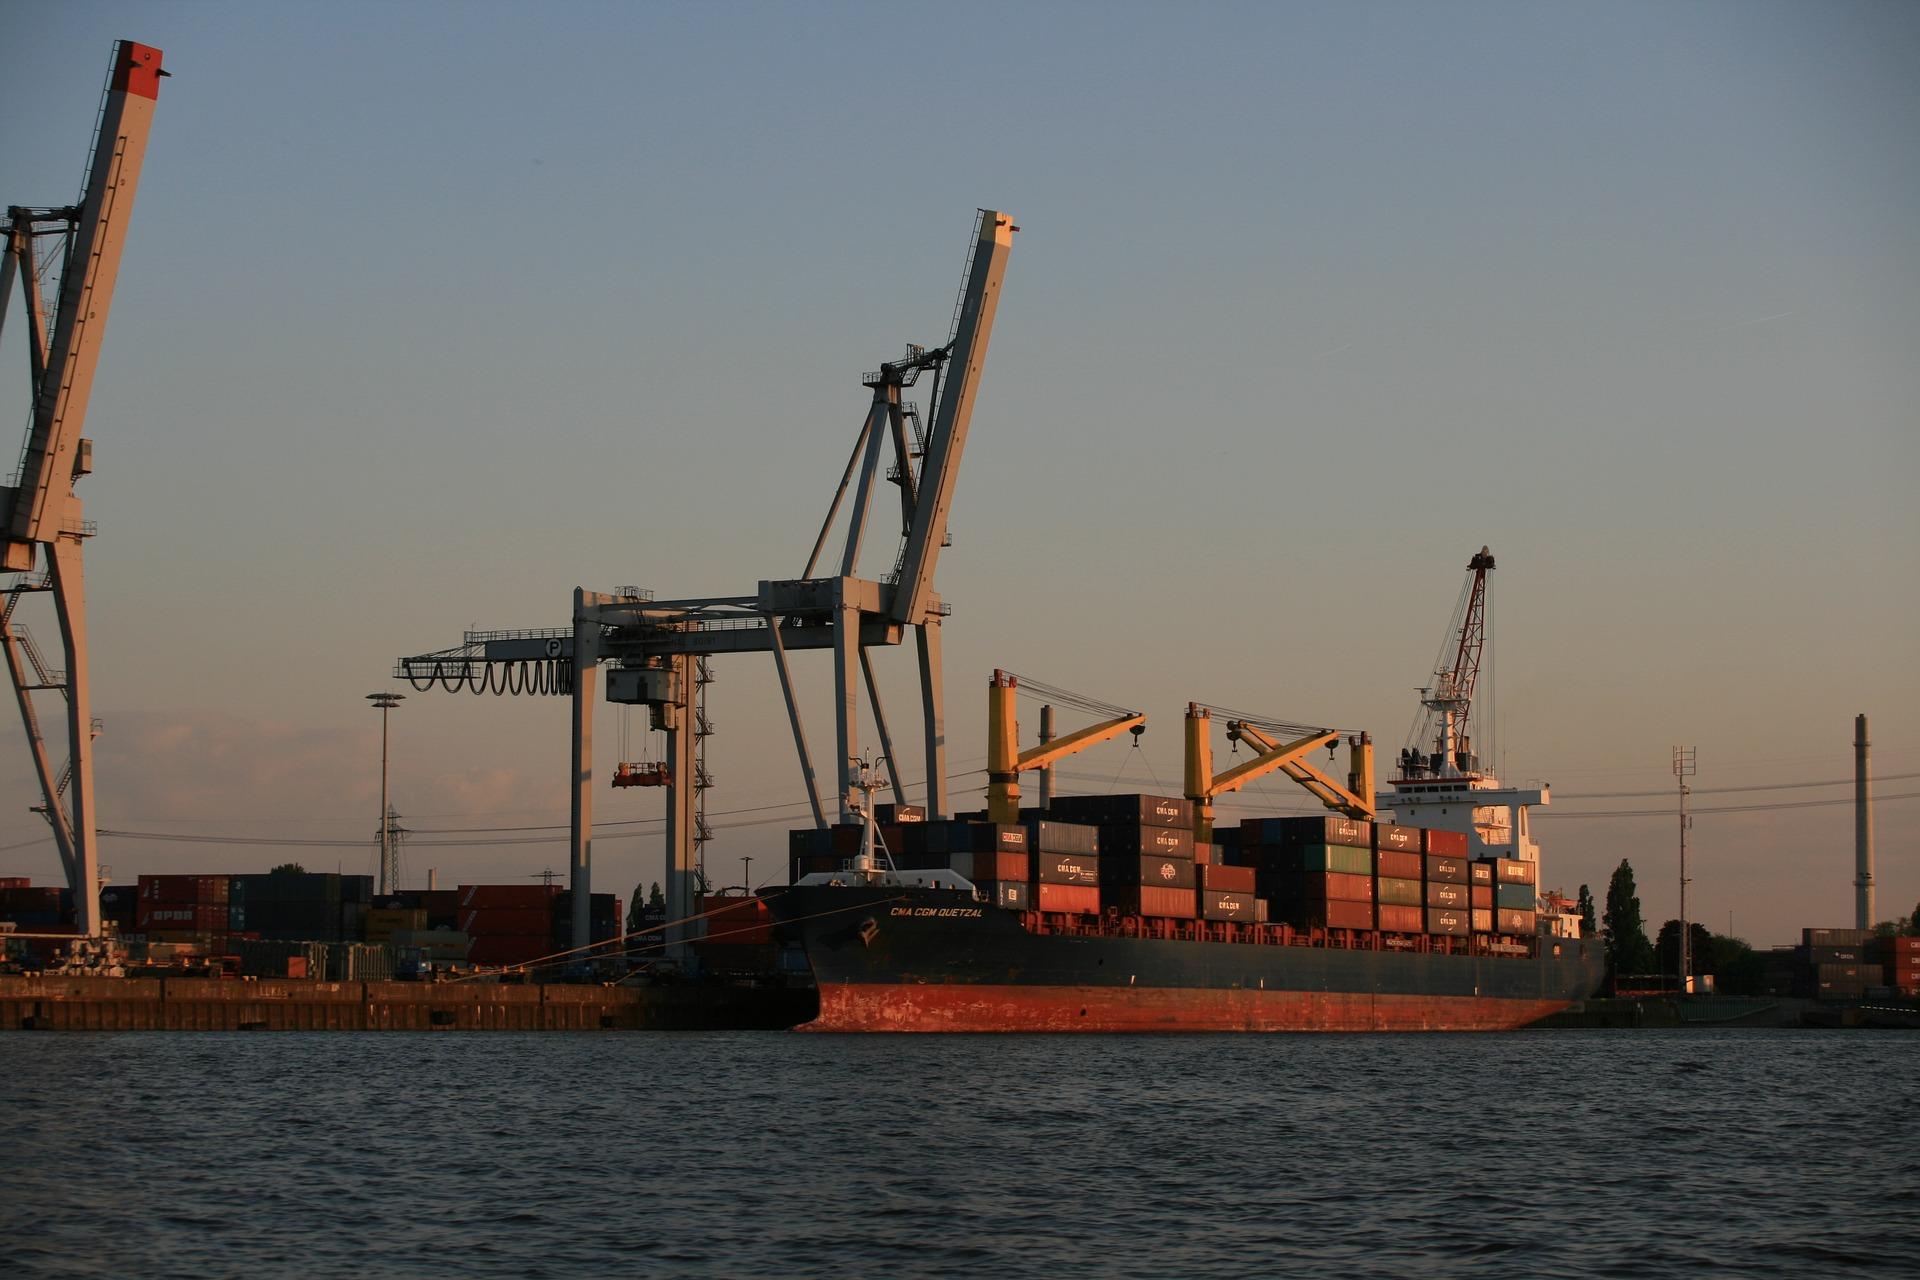 МФК та ЄБРР розпочали відбір консультантів для розробки ТЕО концесійних проєктів у порту Чорноморська